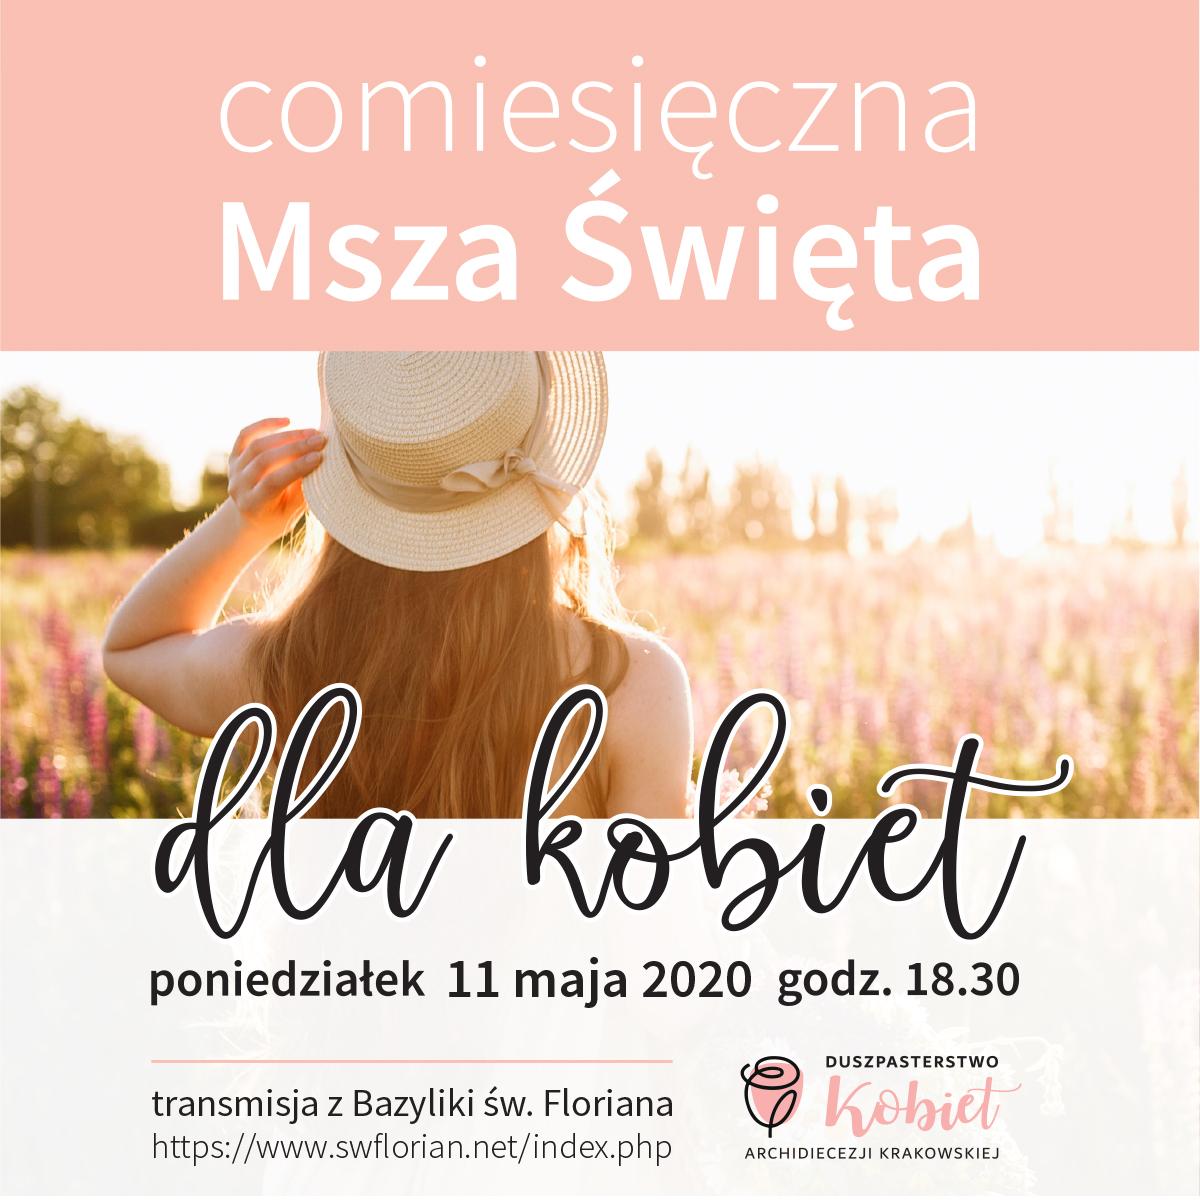 Msza św. dla kobiet 11 maja 2020